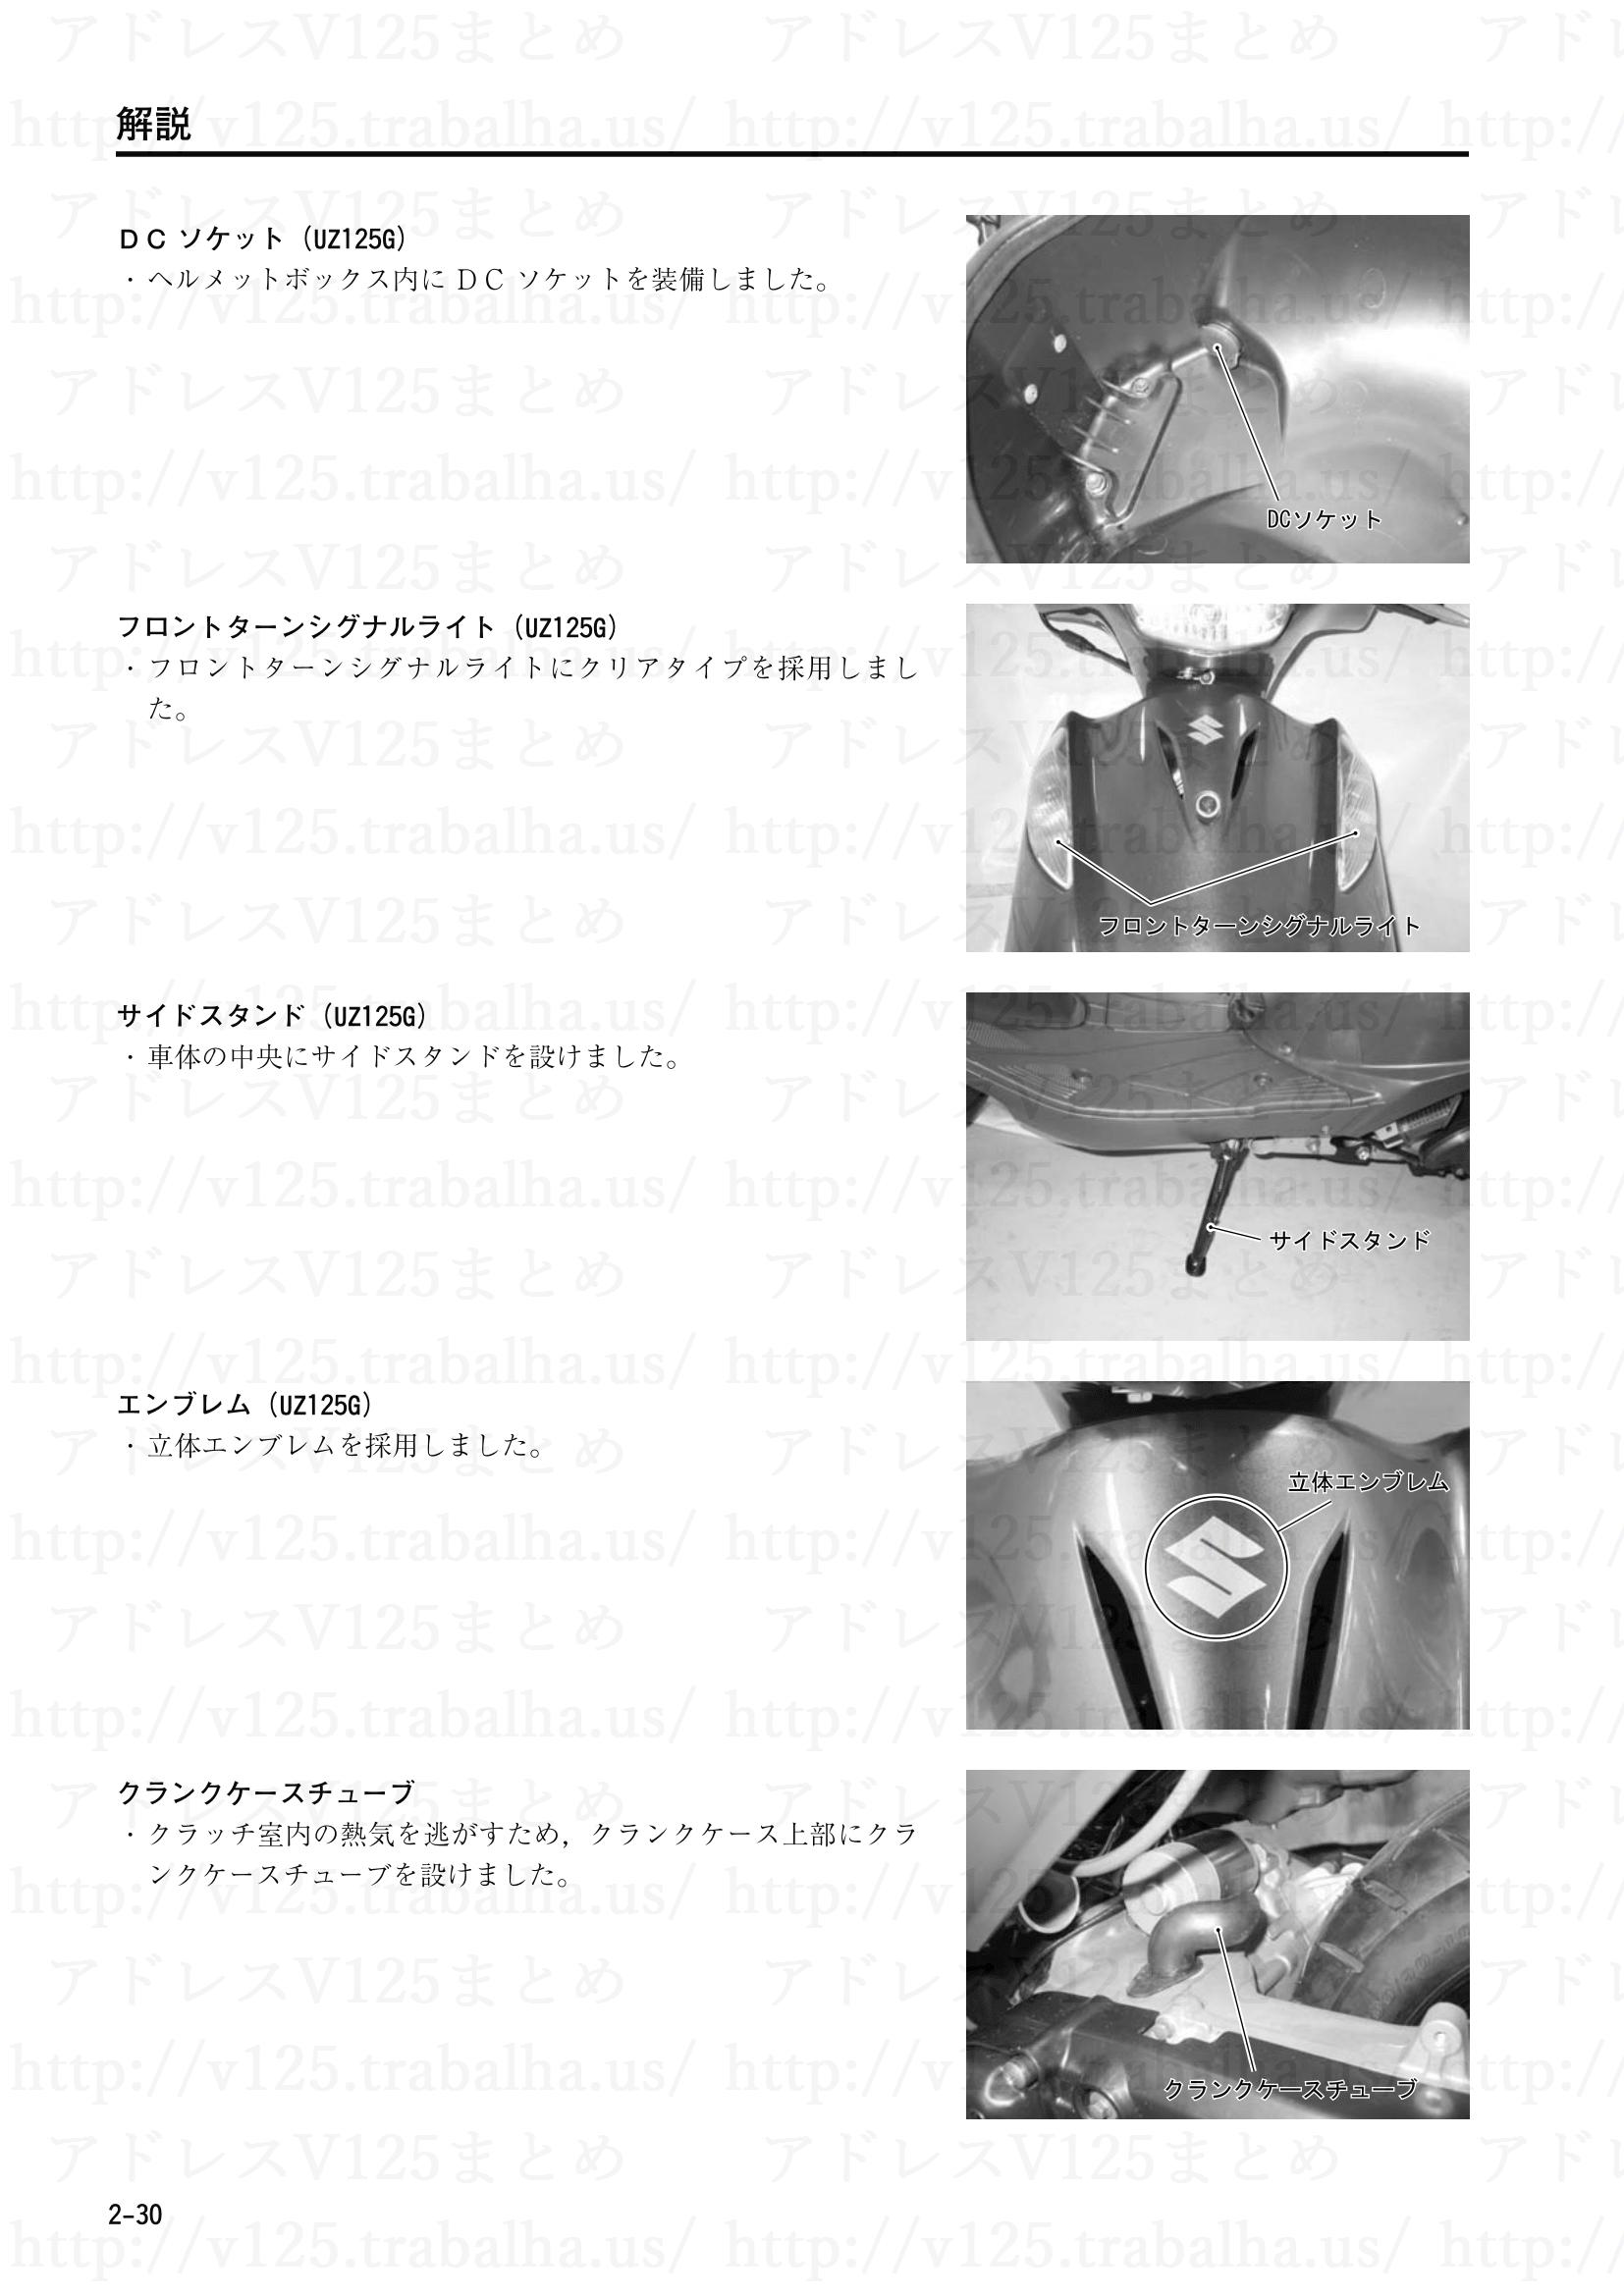 2-30【解説】DCソケット